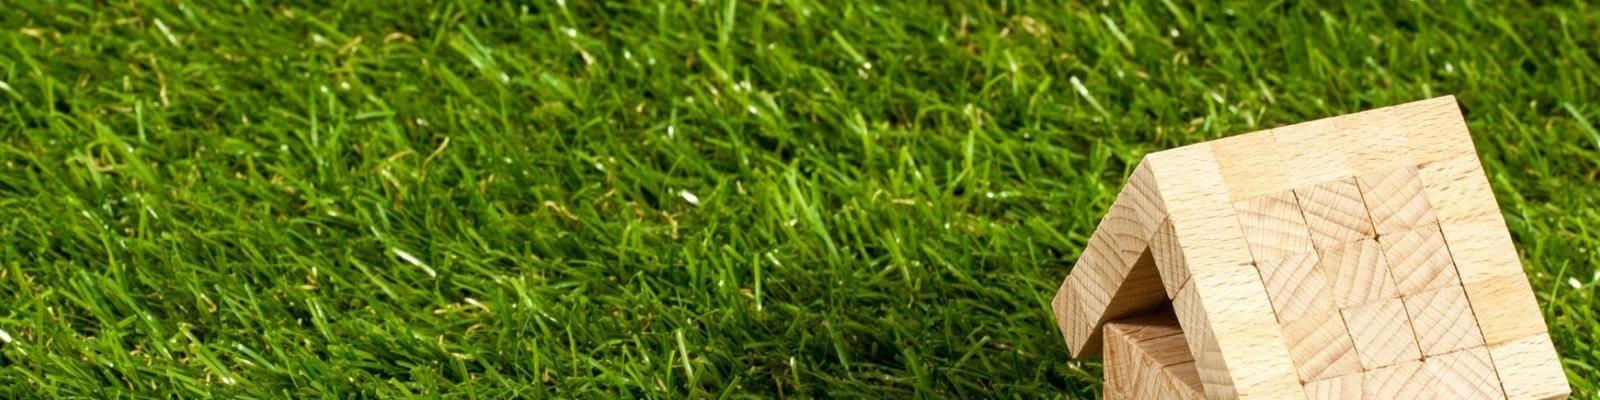 Houten huisje op gras